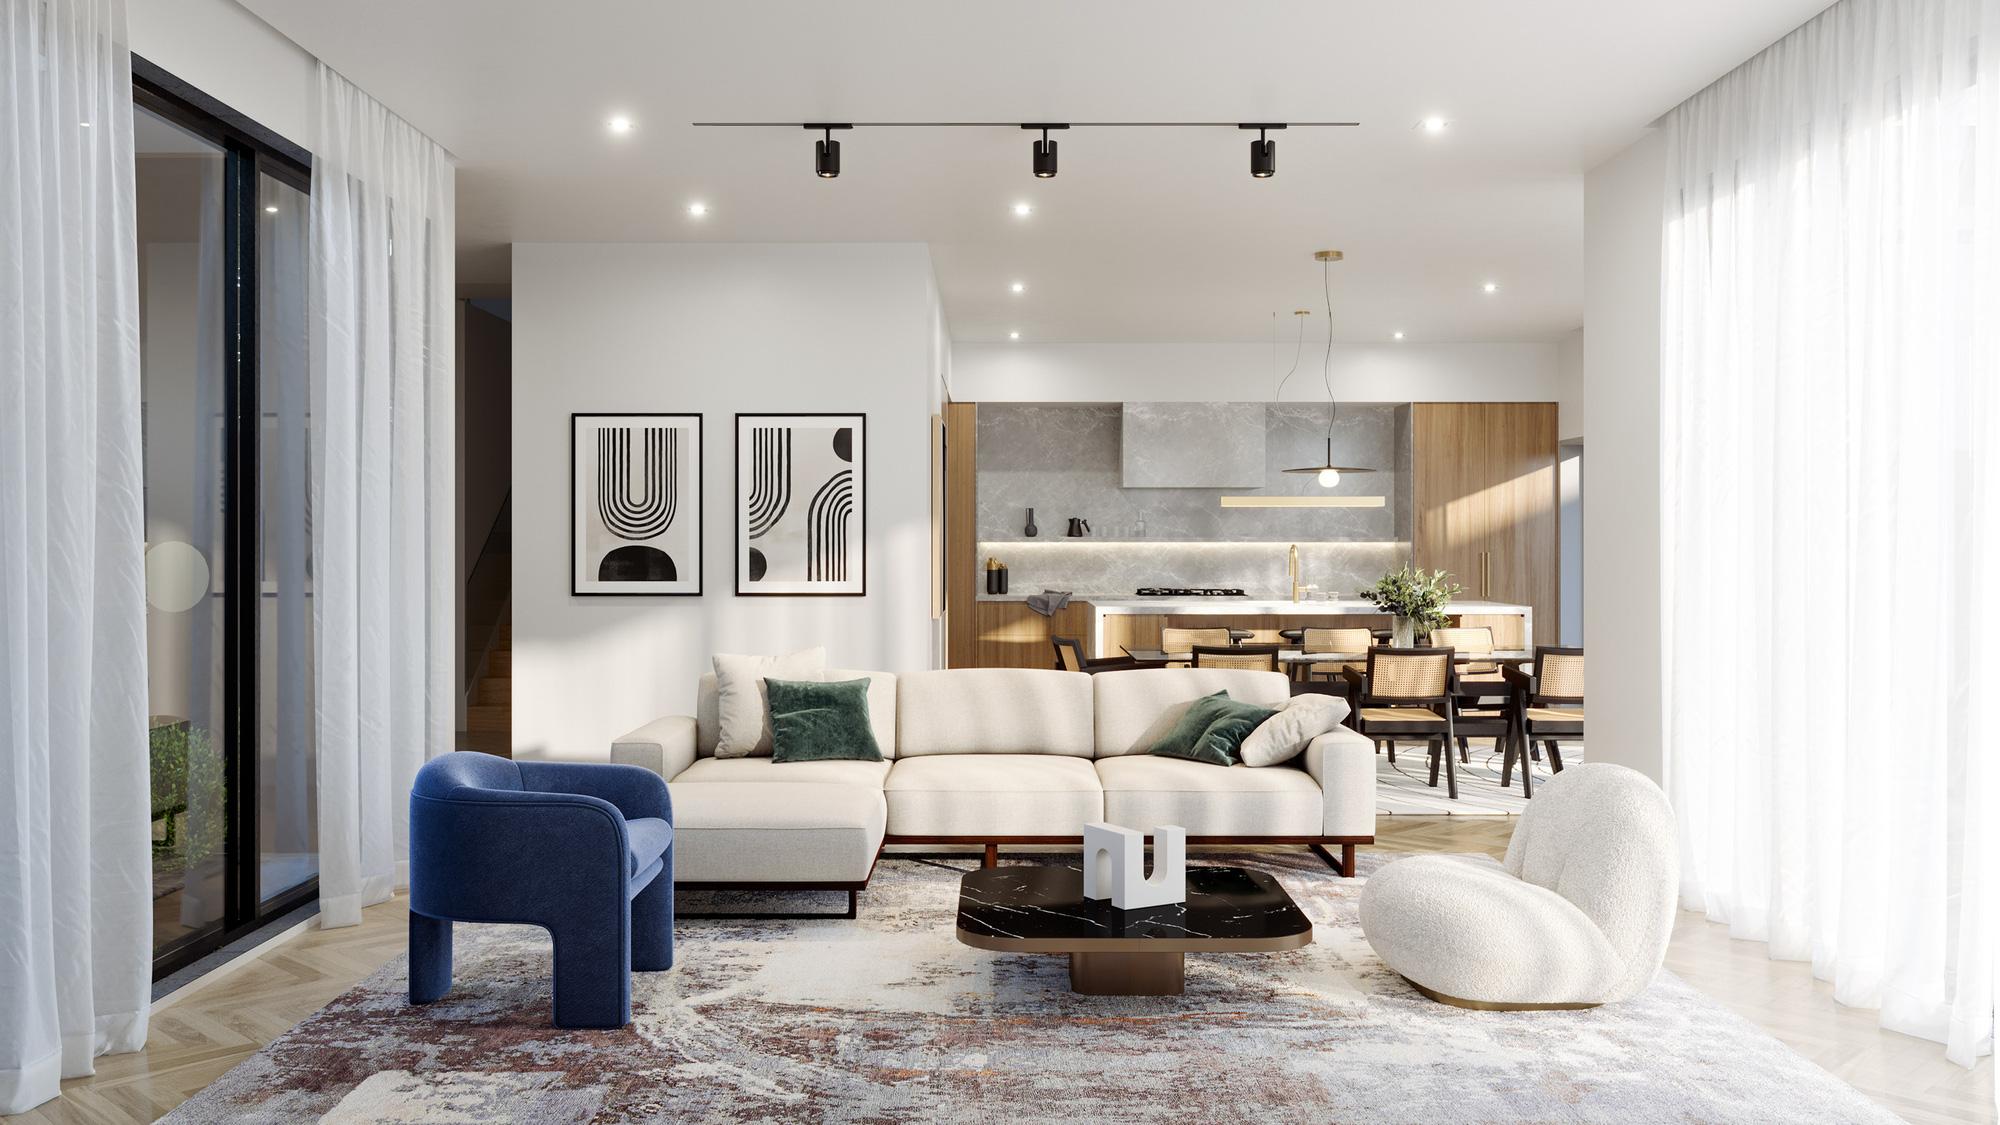 Tư vấn thiết kế nhà cấp 4 diện tích 120m² cho gia đình 6 thành viên chi phí 200 triệu - Ảnh 3.